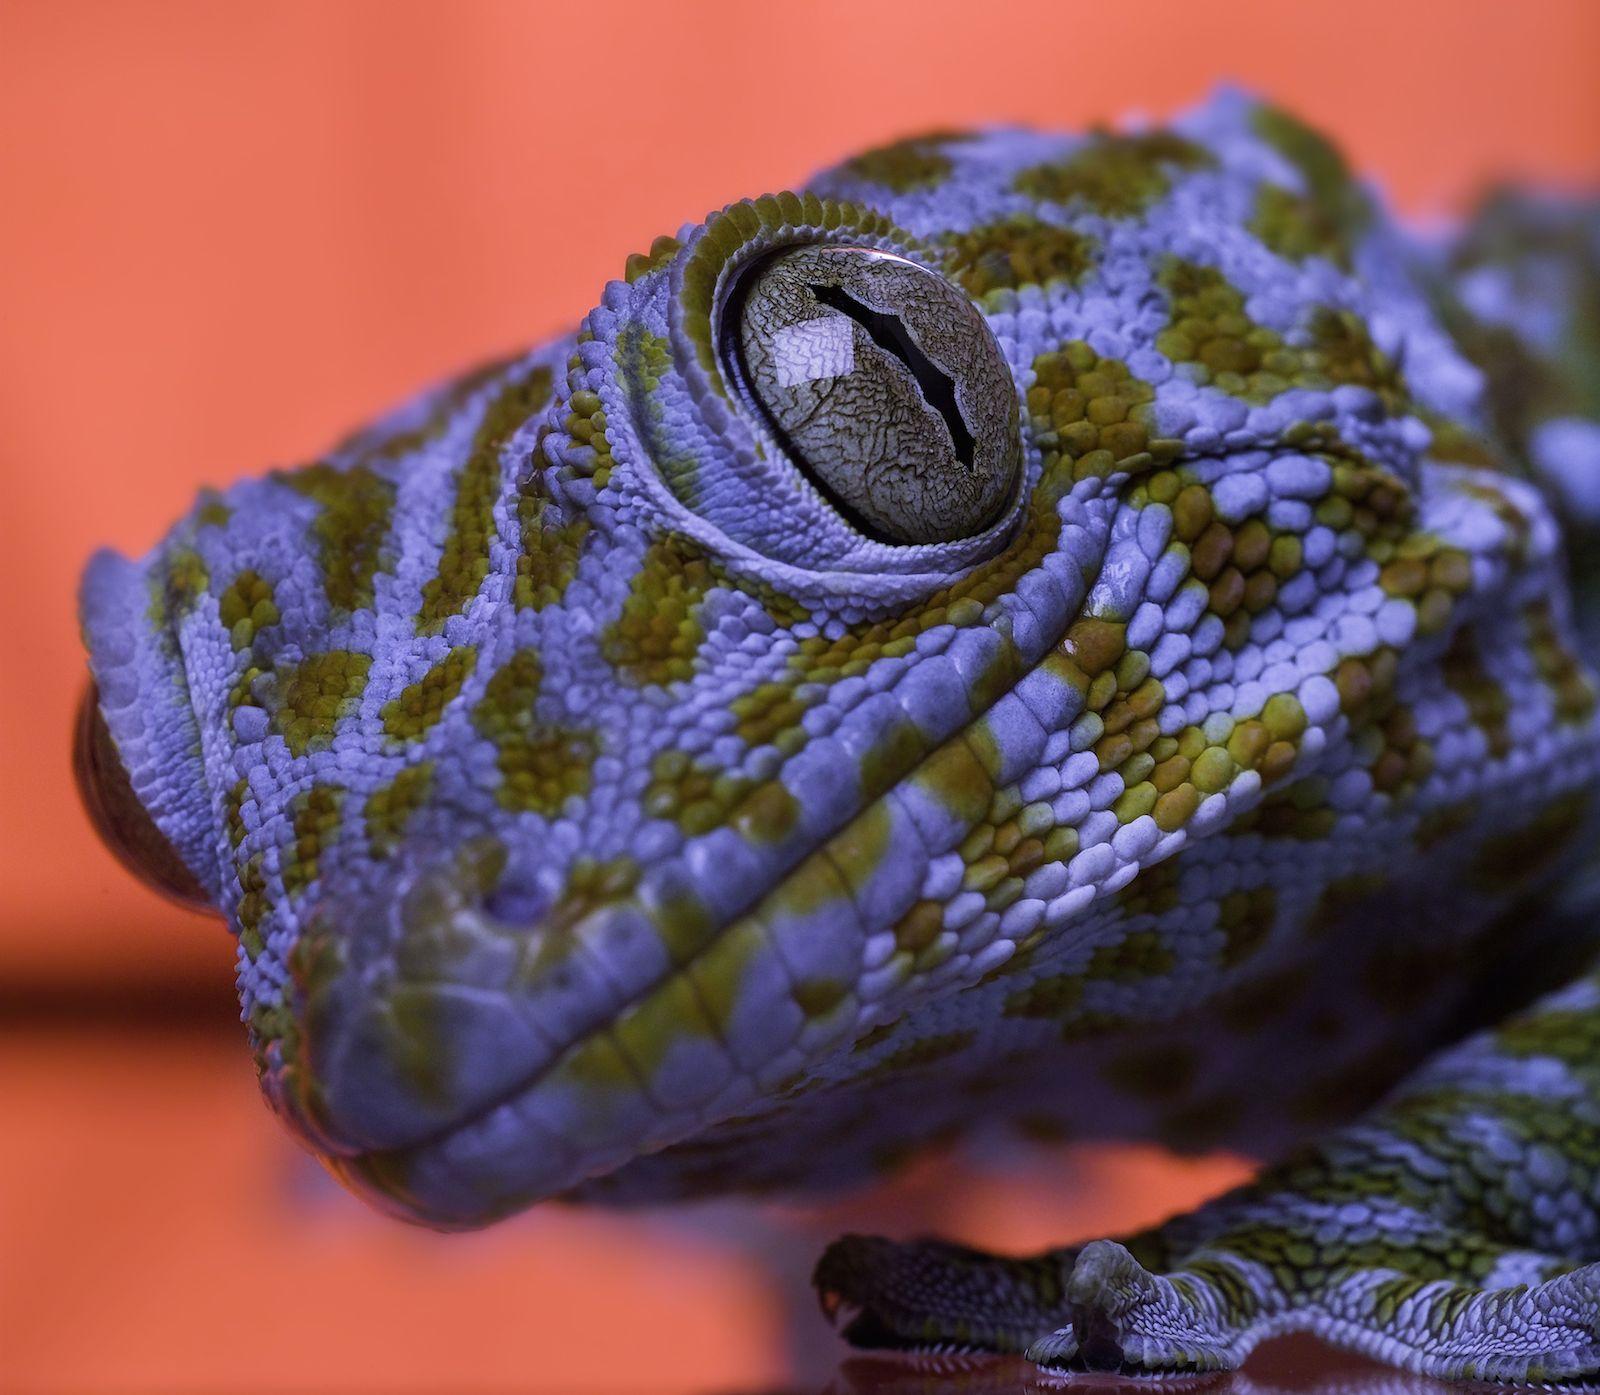 Forschungsobjekt Gecko: Mit der Haftkraft seiner Füße beschäftigten sich die INM-Forscher intensiv. Sie haben nach dem Vorbild der Natur dieso genannte Gecomer-Technik entwickelt, mit der sich empfindliche Bauteileunbeschädigt selbst im Vakuum transportieren lassen.